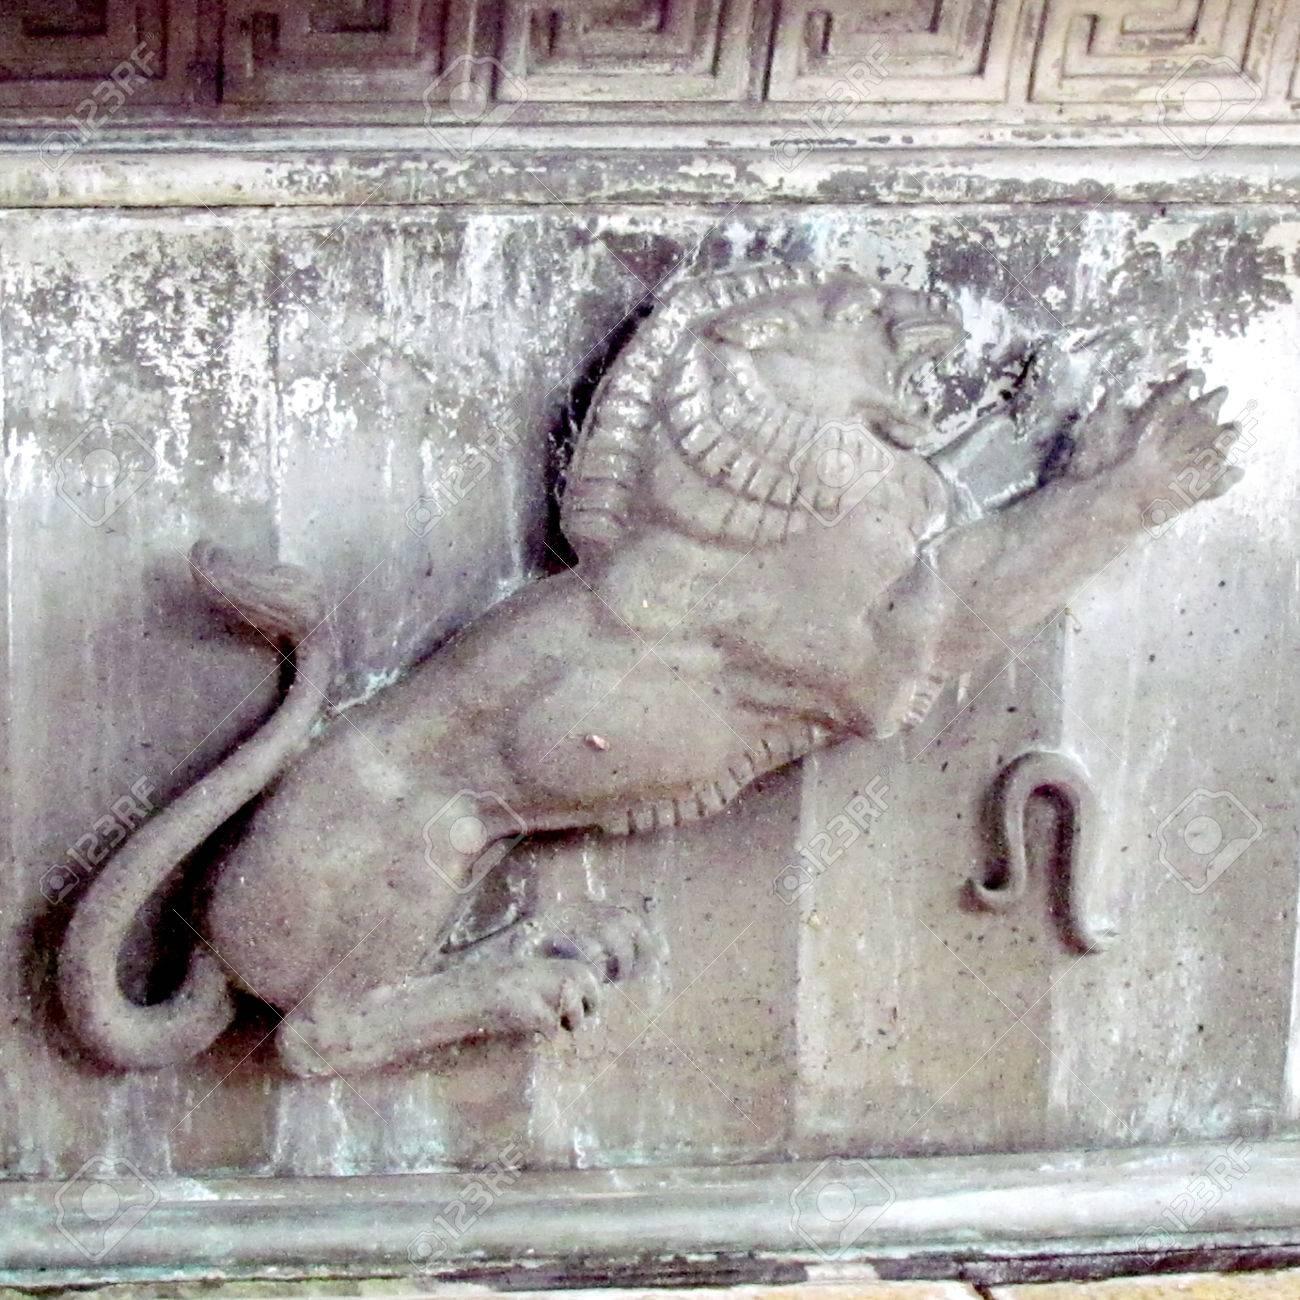 レオ星座彫刻ワシントン DC、ア...